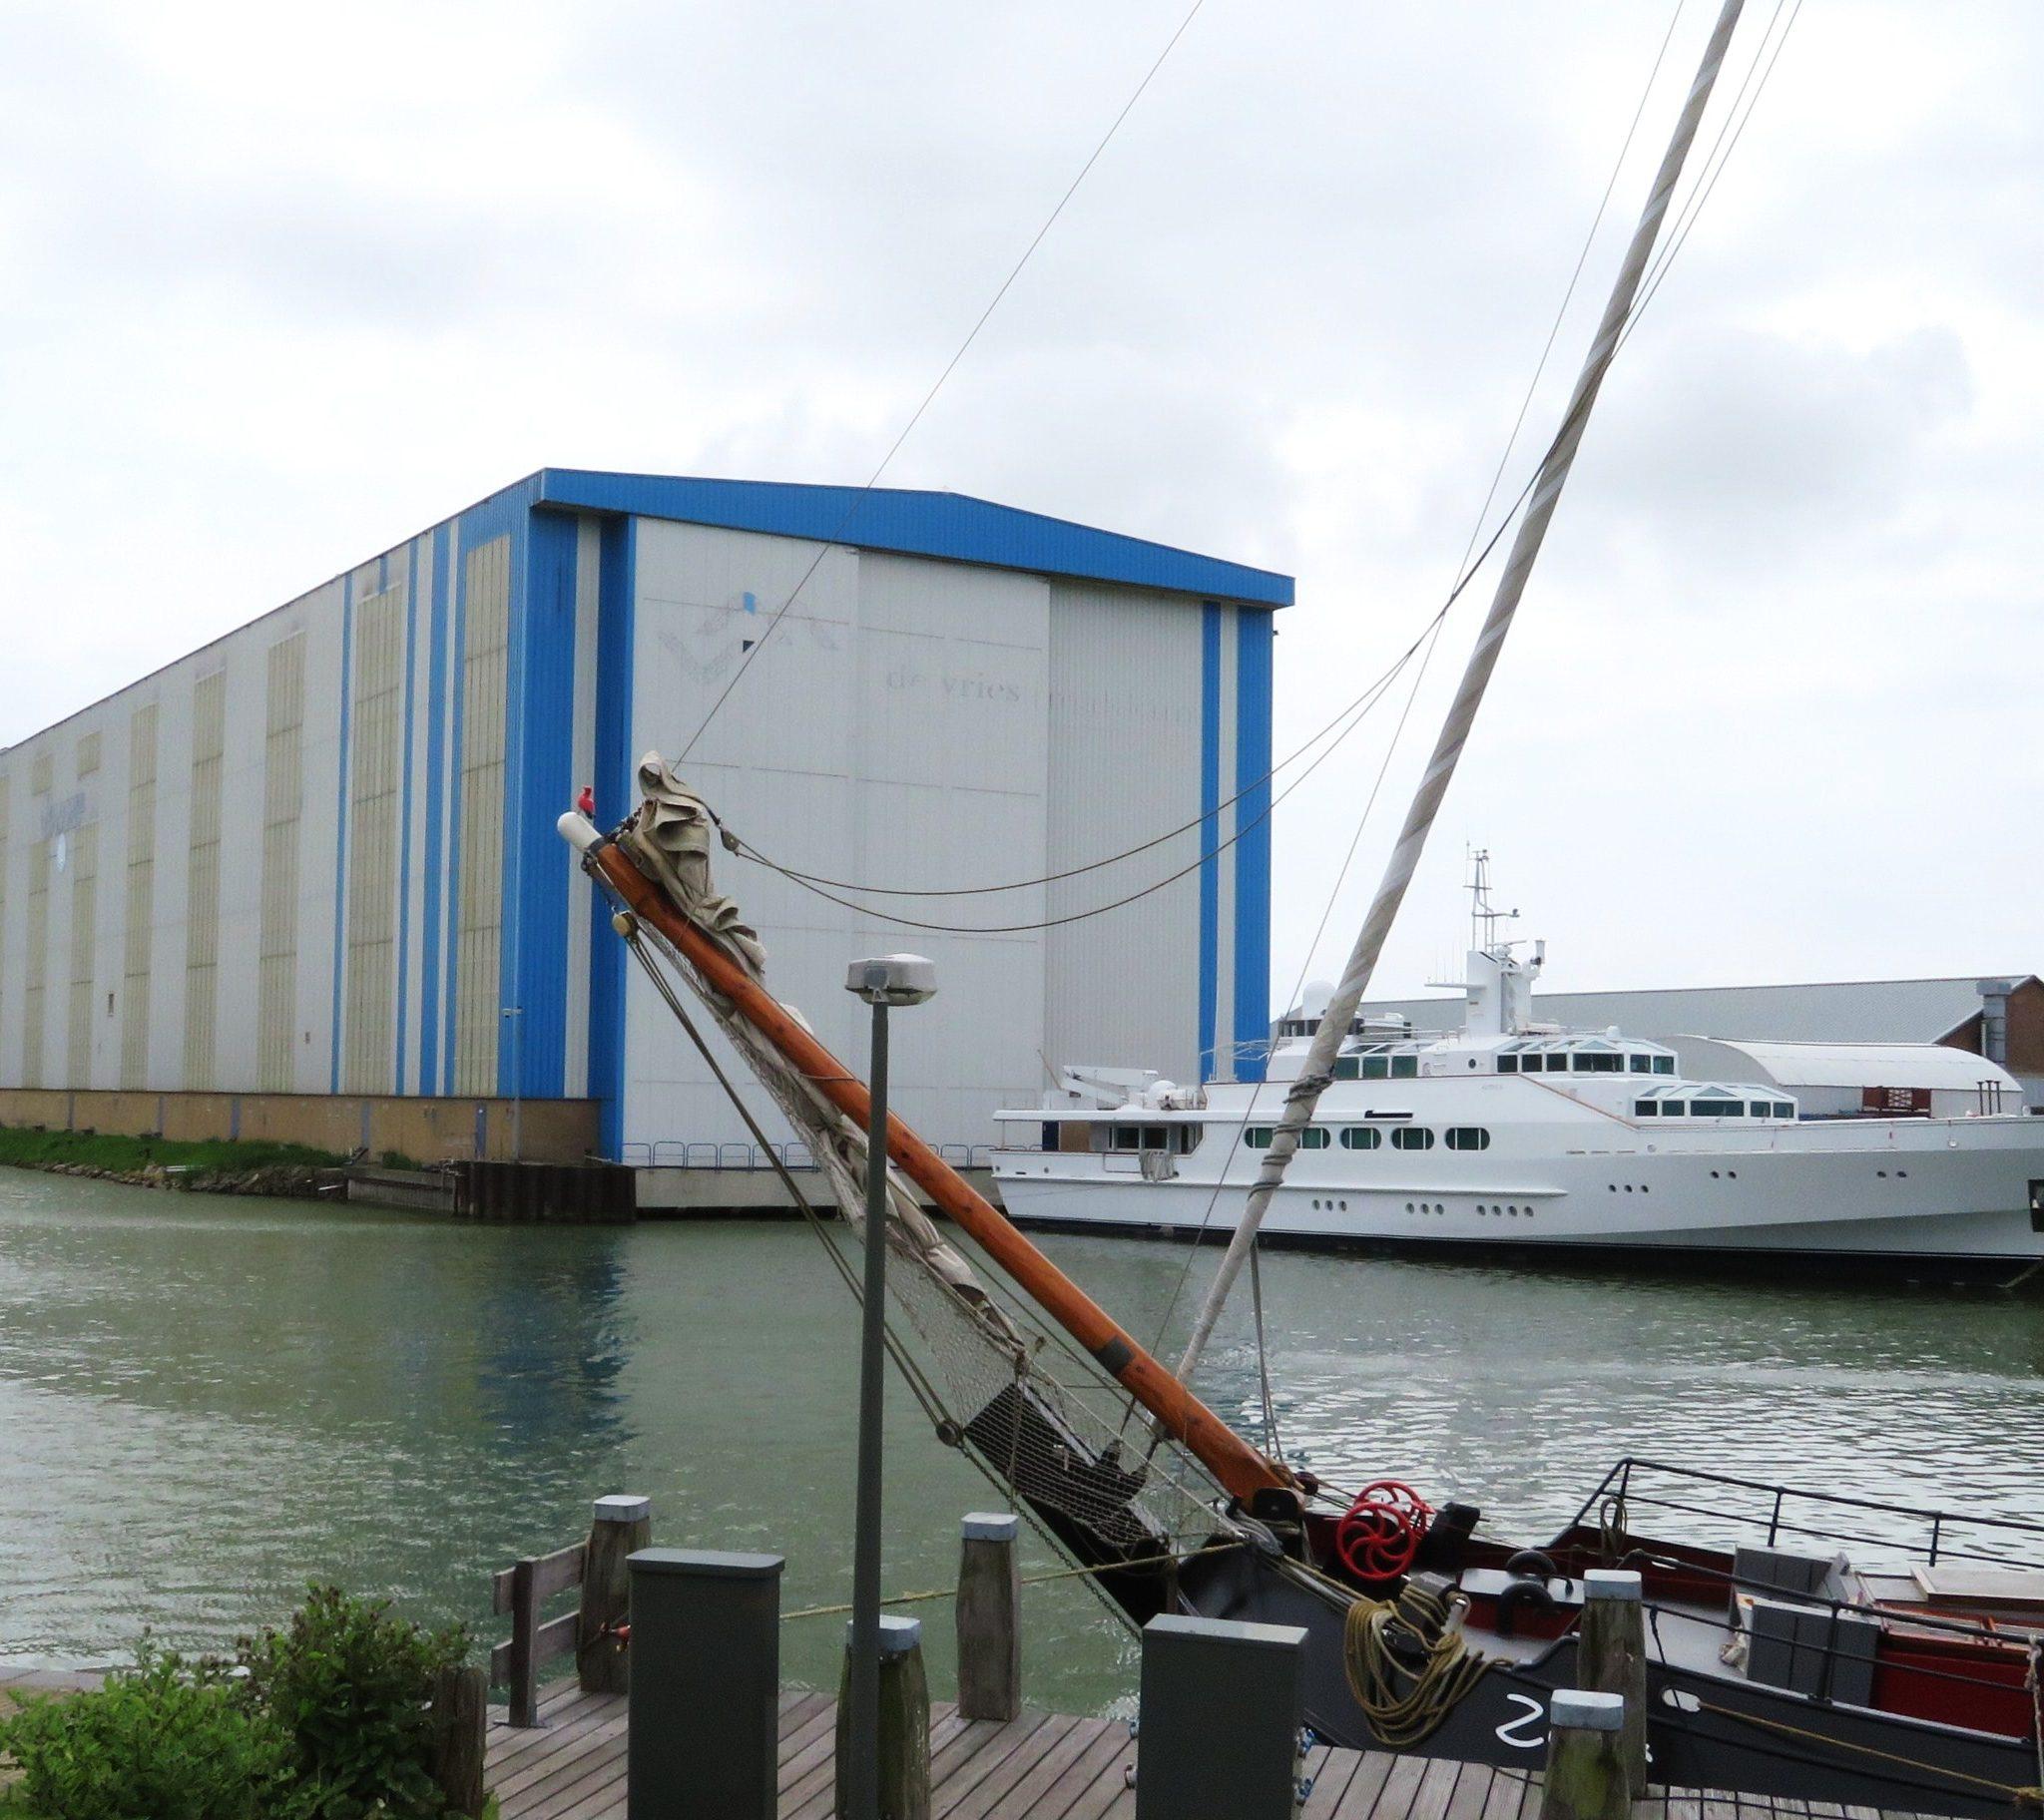 Koninklijke De Vries Jachtbouw in Makkum is een van de scheepswerven waarvoor de tolwet zou moeten gelden. (Foto Wikipedia)